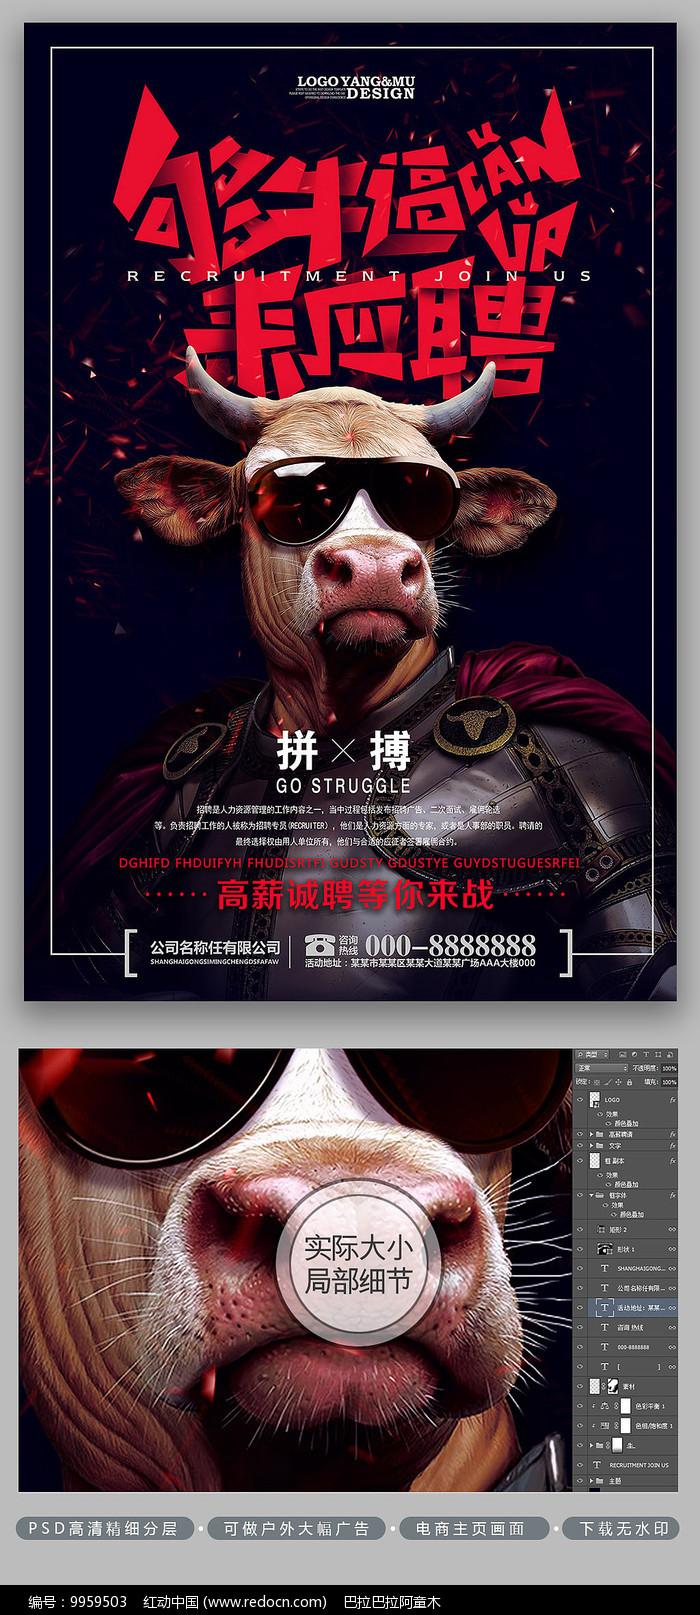 创意够牛逼来应聘招聘海报图片